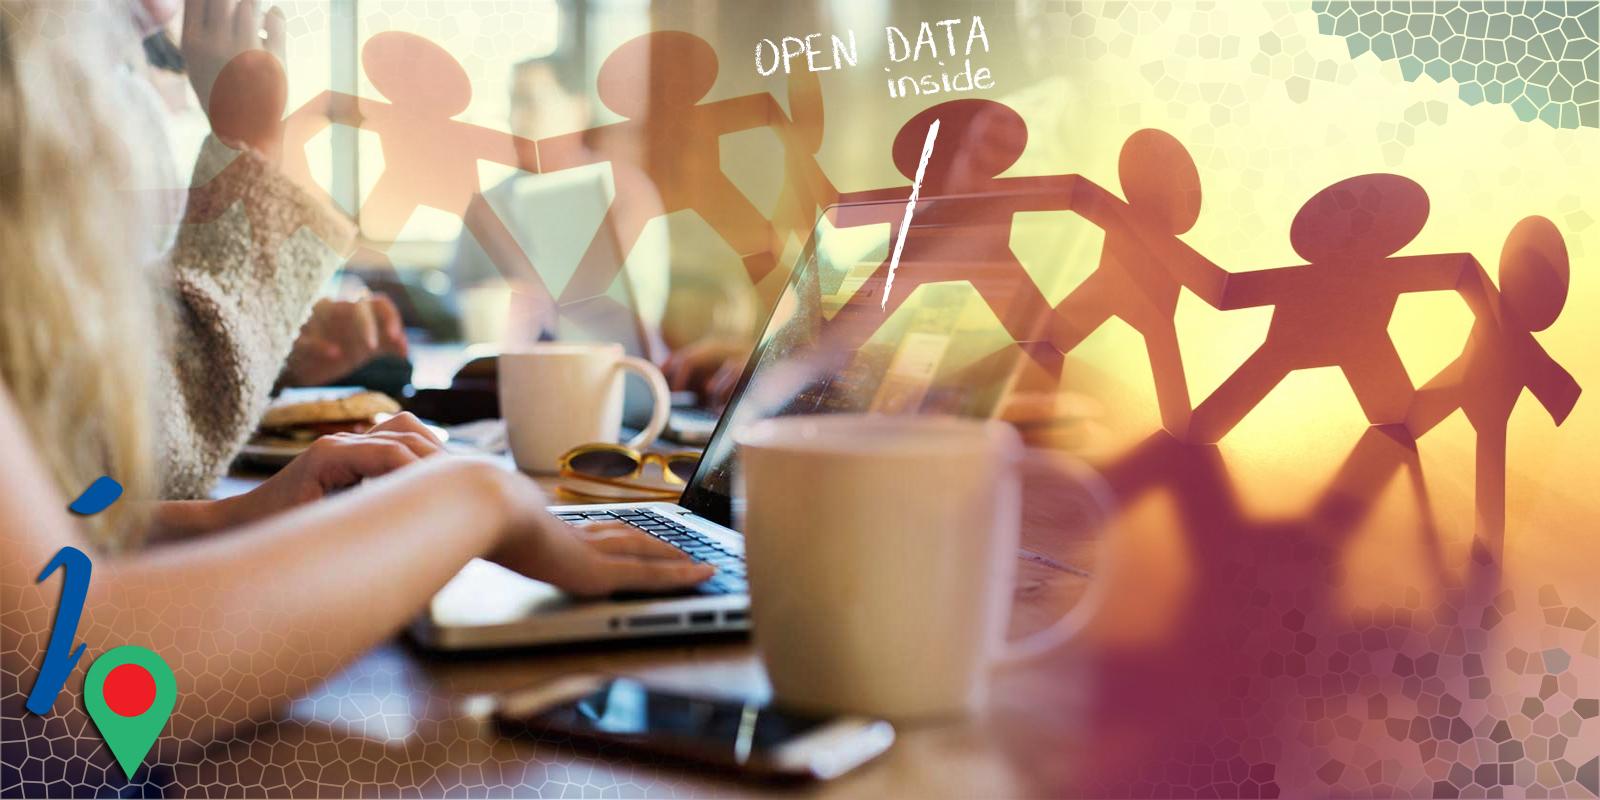 La Regione Campania vince il Premio Agenda Digitale 2016 con I.Ter, Geographic Cloud